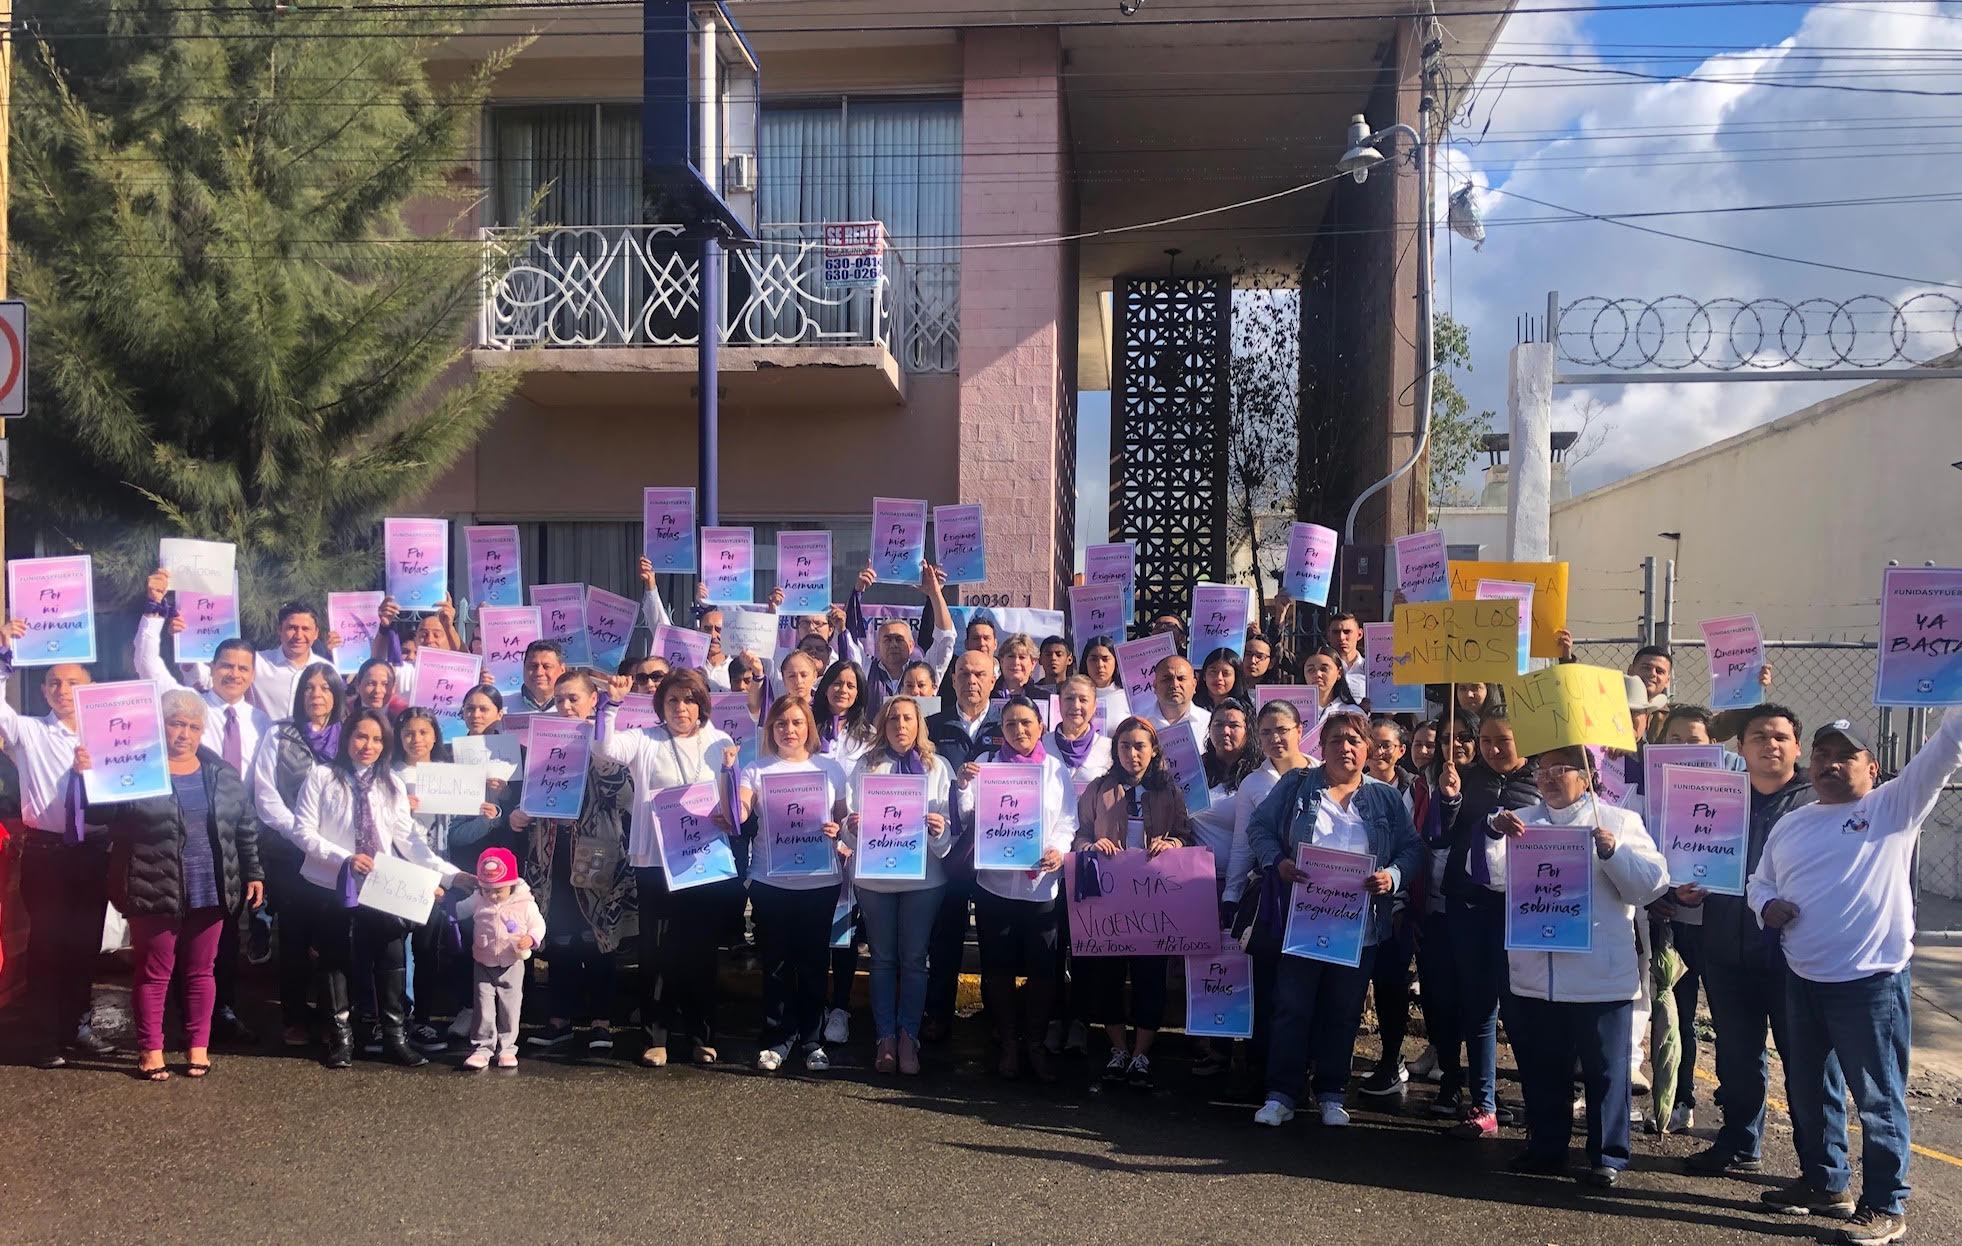 PAN exige seguridad y justicia para las mujeres en Baja California